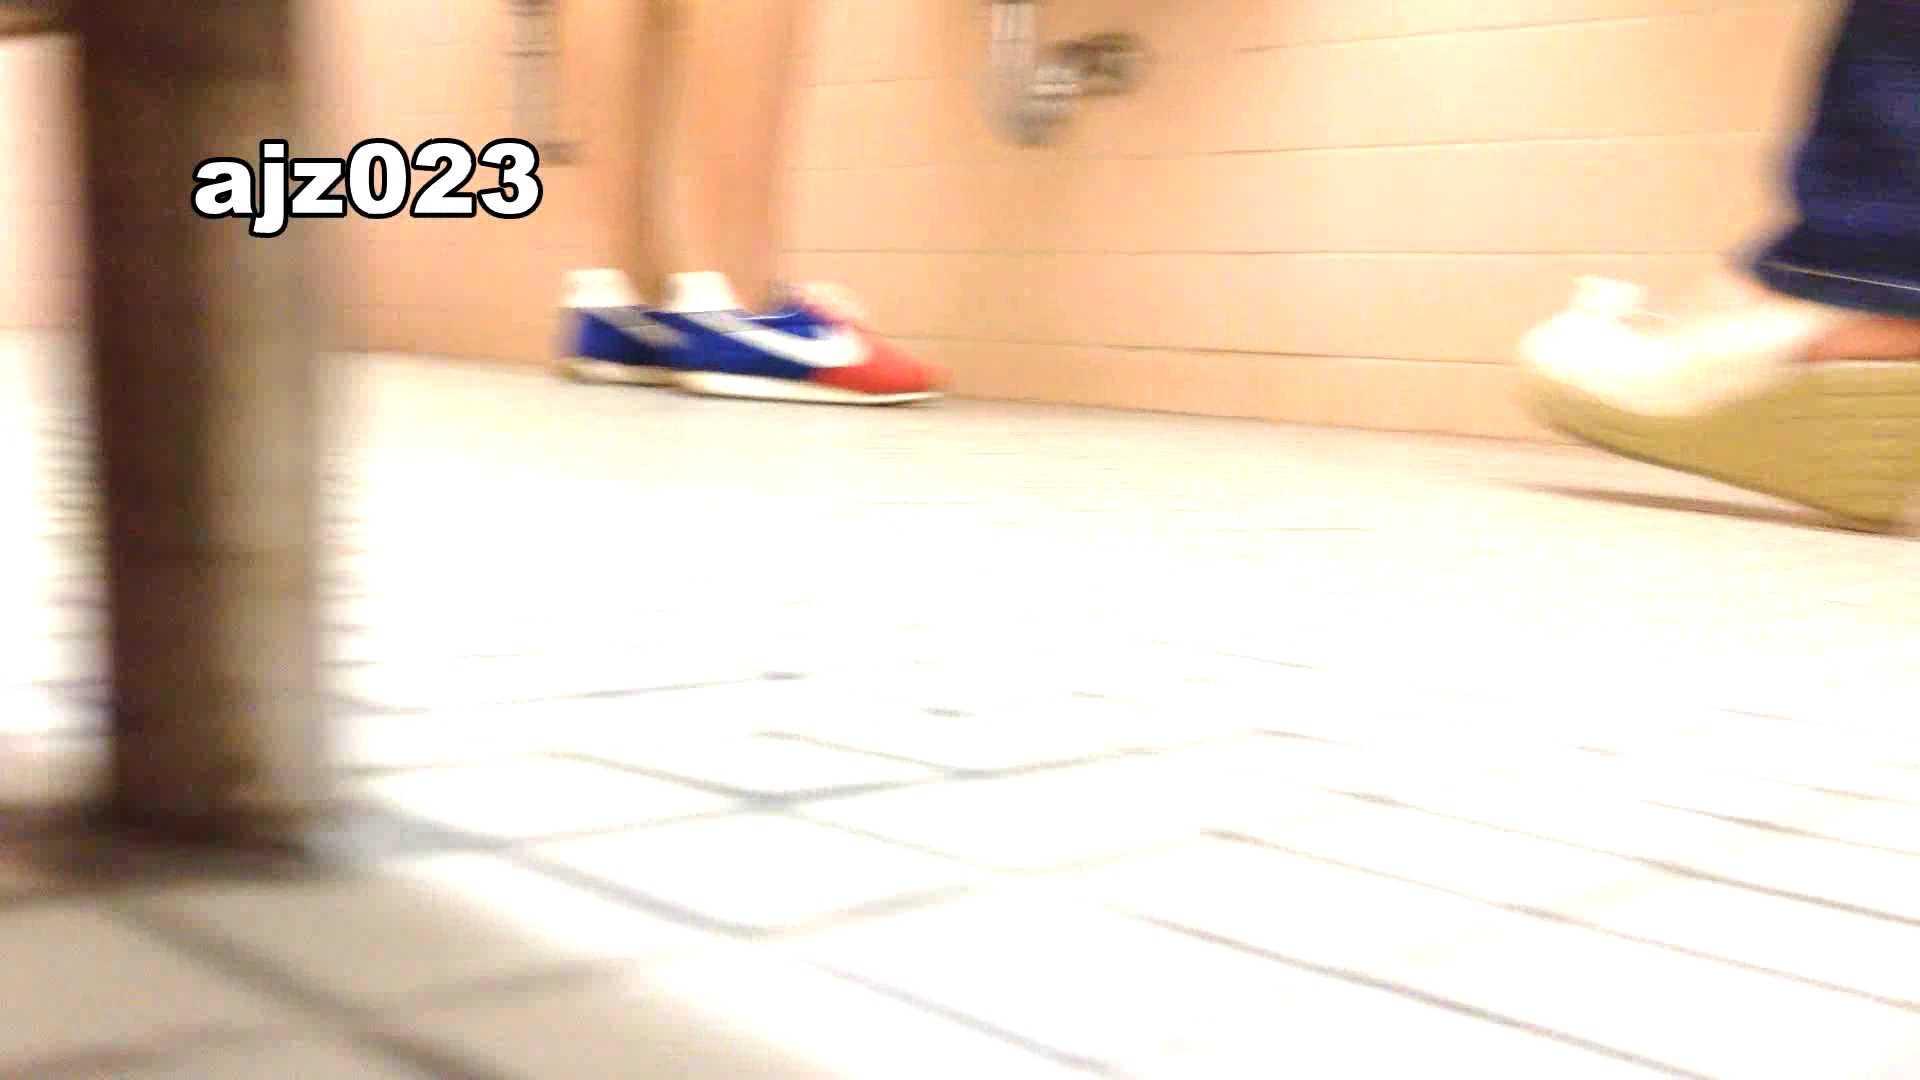 某有名大学女性洗面所 vol.23 OLのボディ 覗きおまんこ画像 64PIX 32